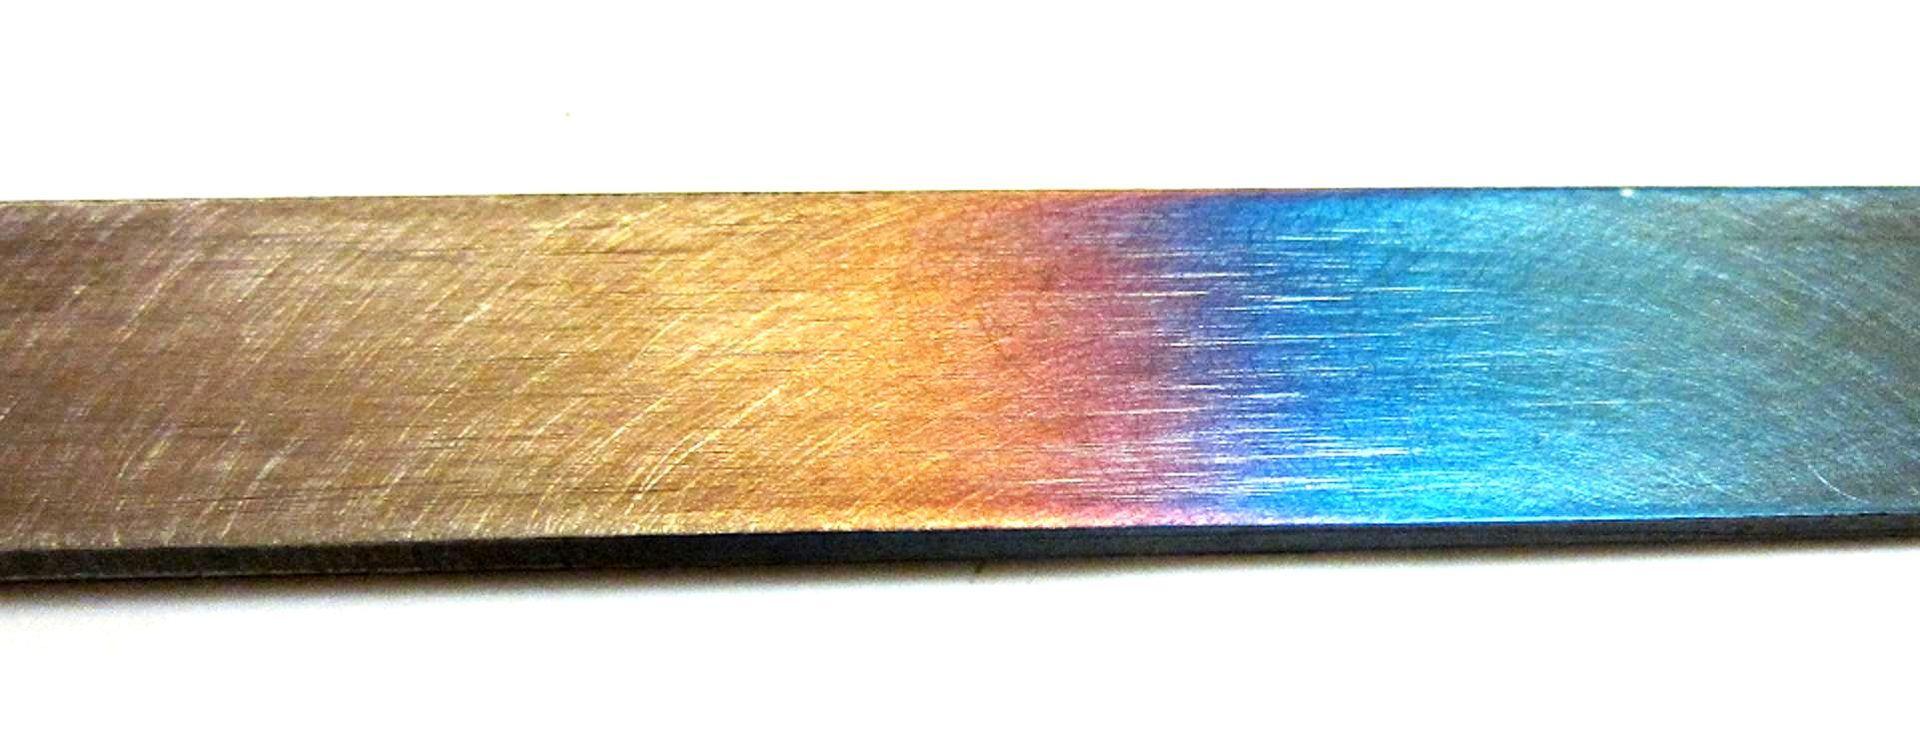 farklı sıcaklıklarda ttavlanmış çelik